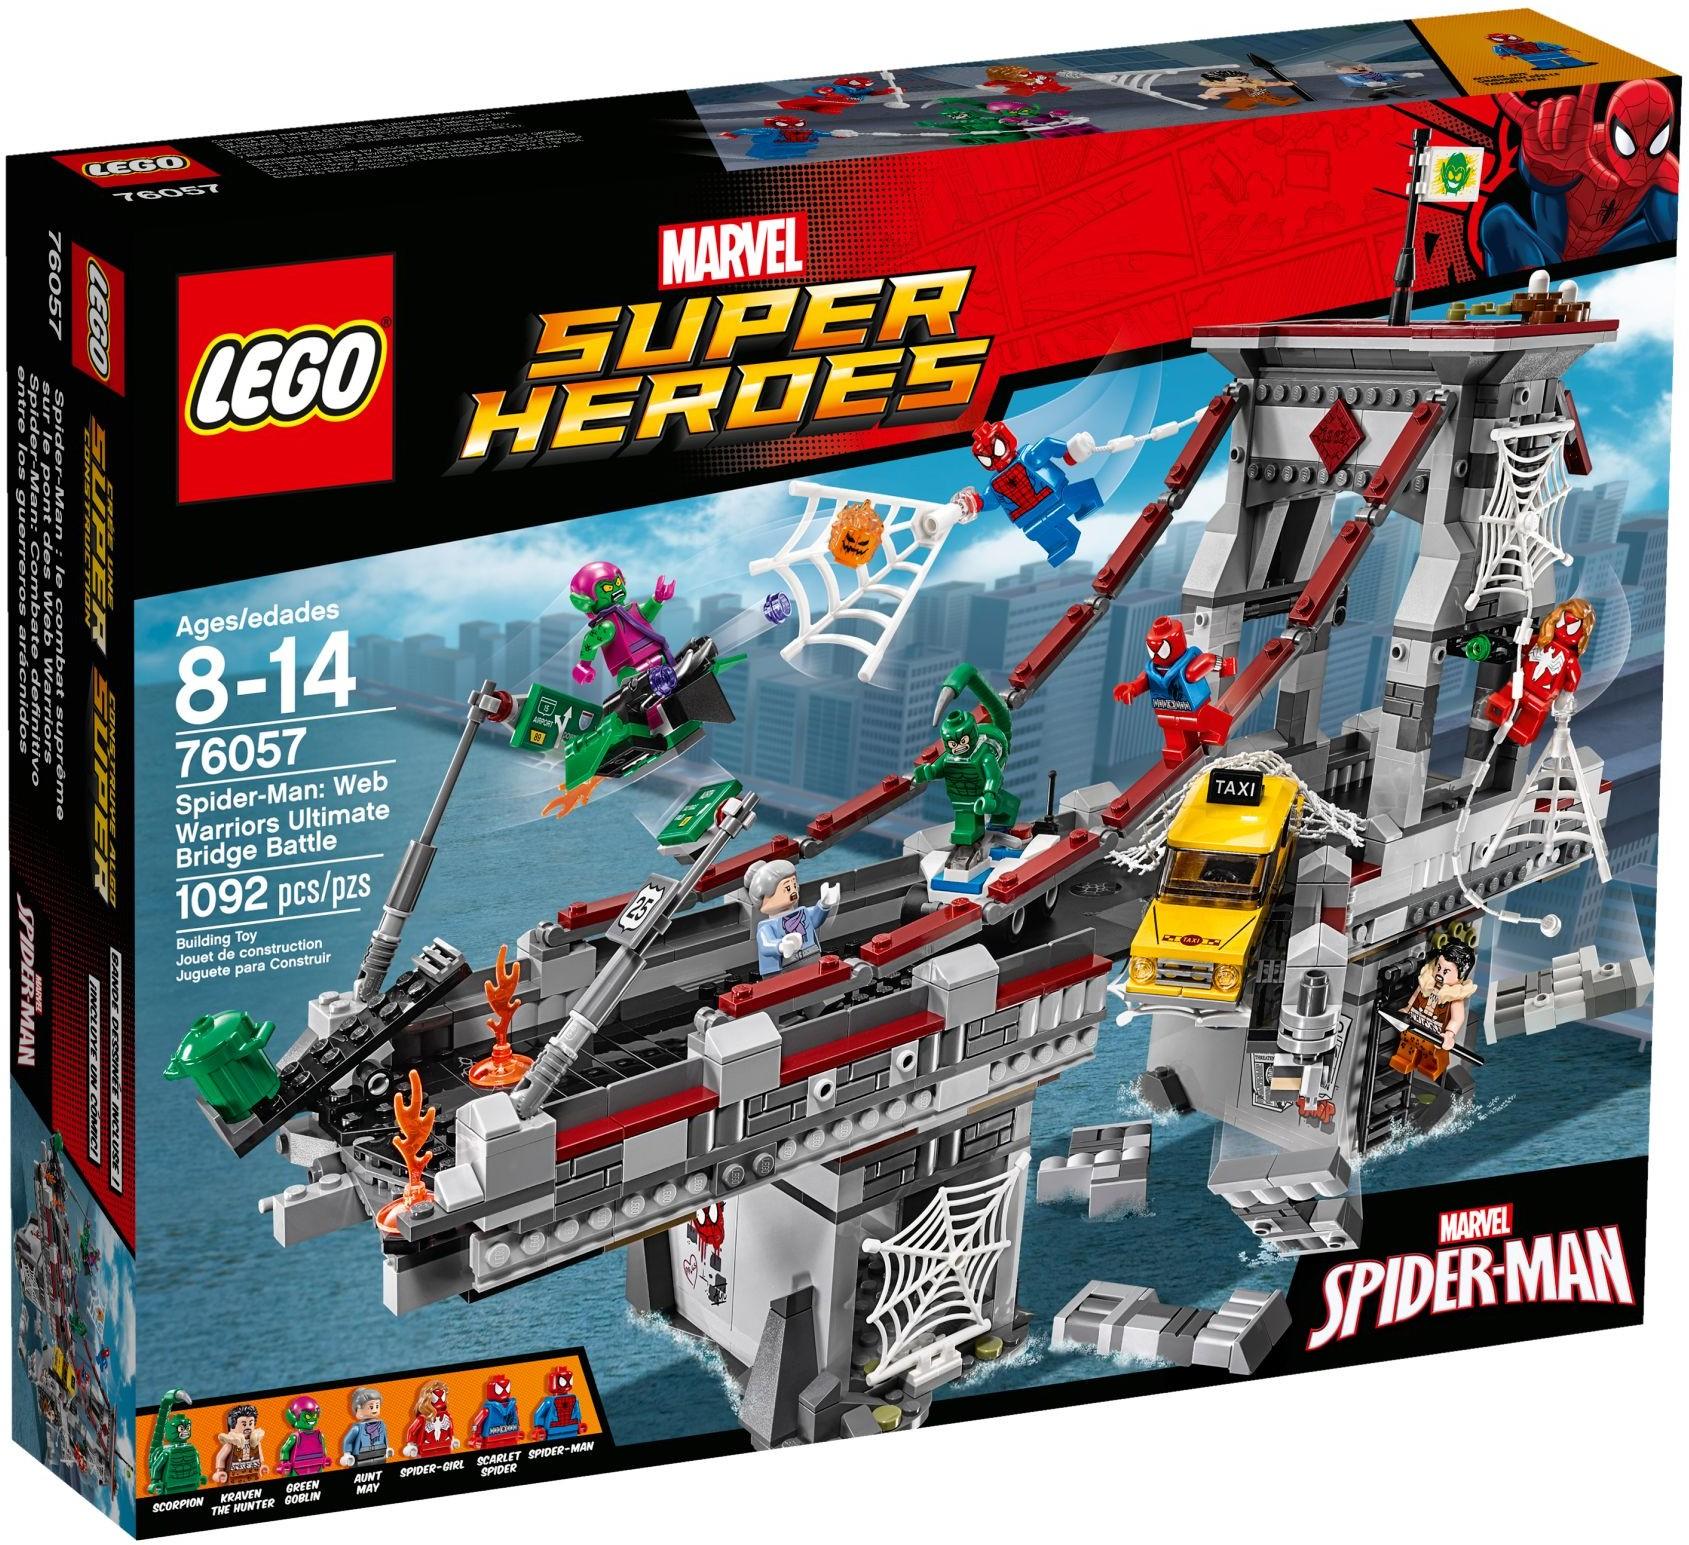 [評價] Lego 76057 Spider-Man: Web Warriors Ultimate Bridge Battle